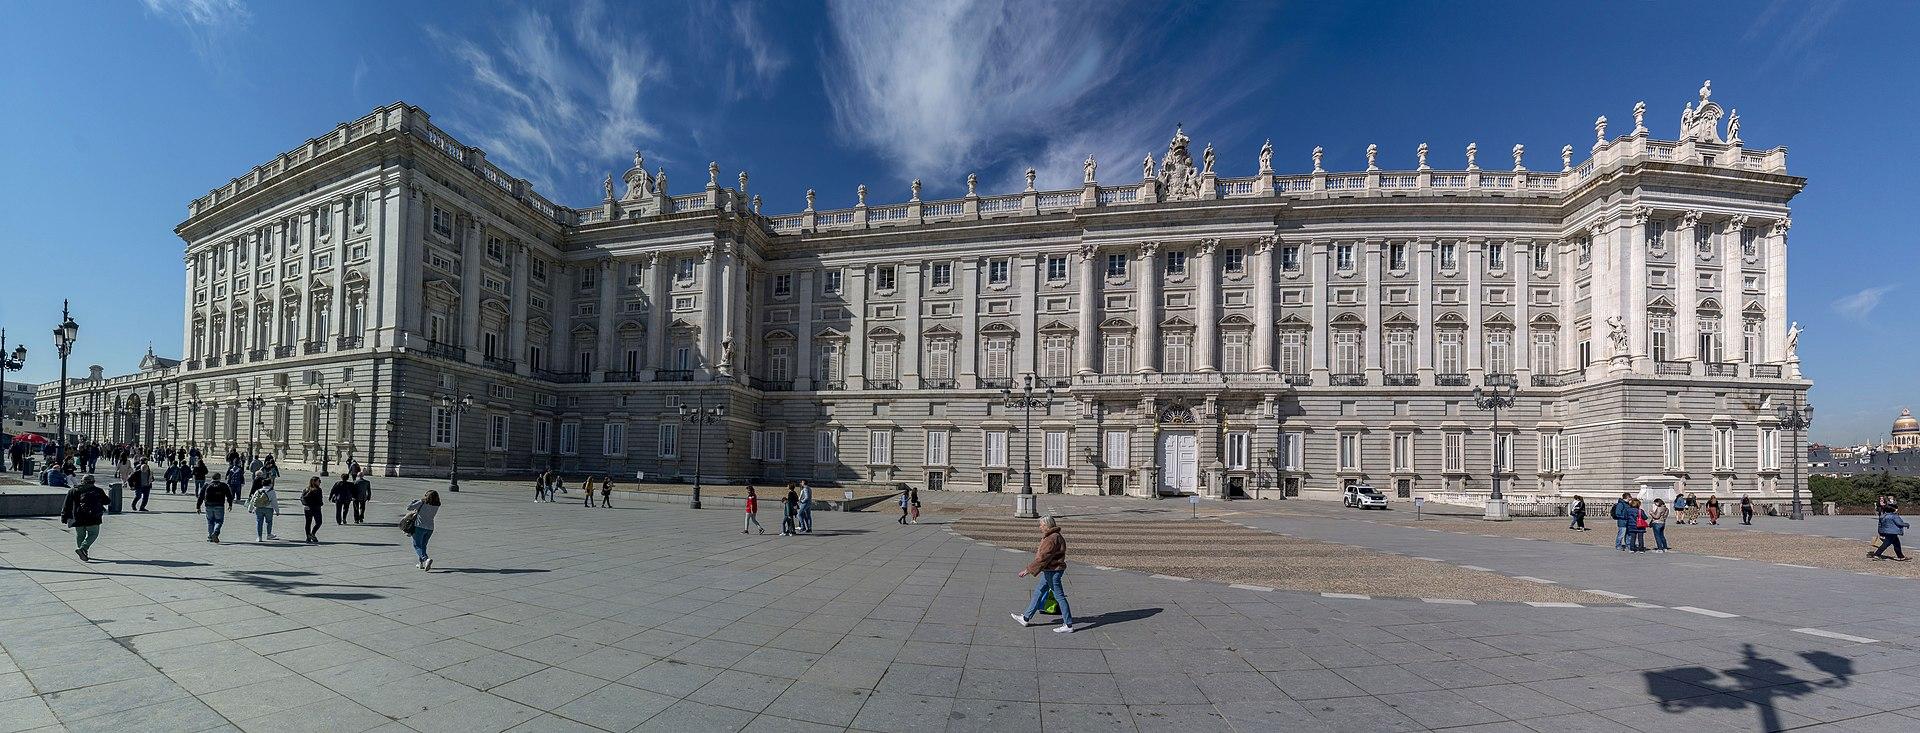 Palacio Real-Plaza de Oriente.jpg